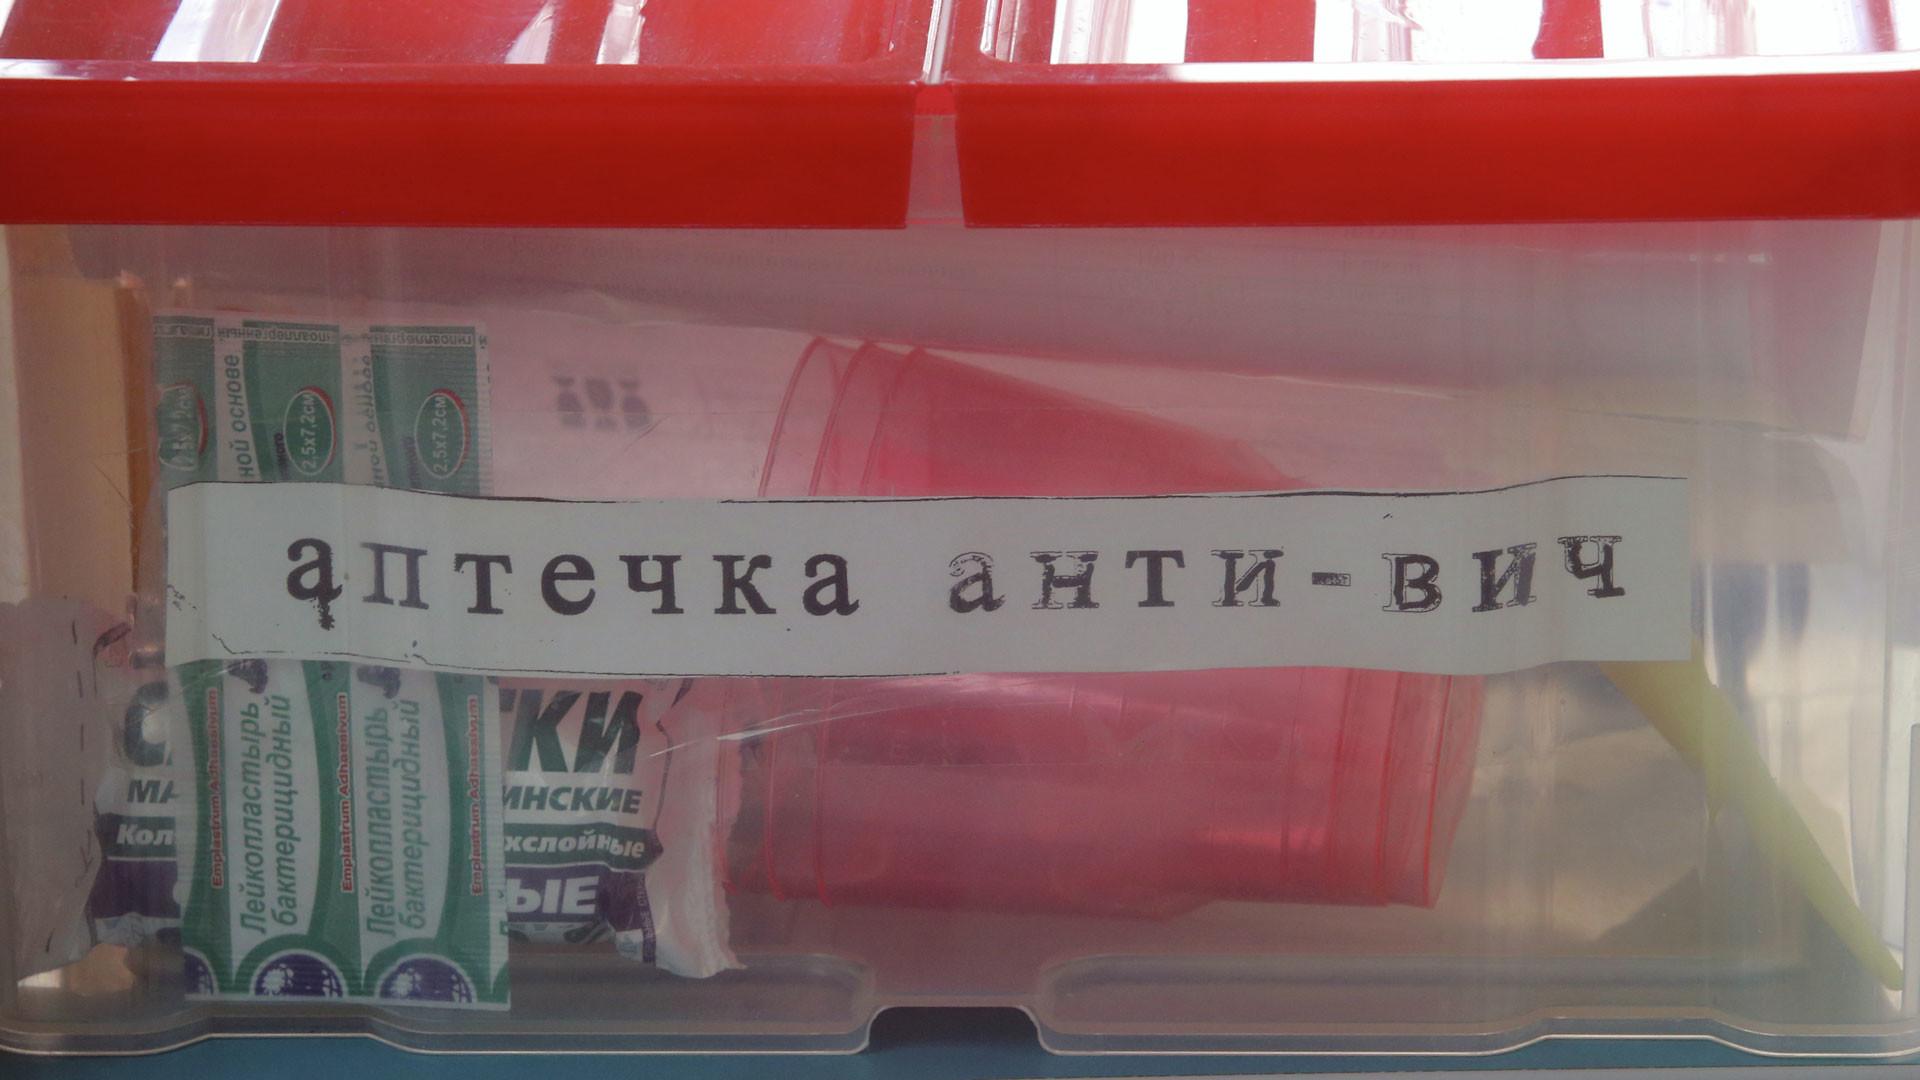 Аптечка анти-вич в Центре крови Федерального медико-биологического агентства (ФМБА) в Москве. Фото: © РИА Новости/Виталий Белоусов